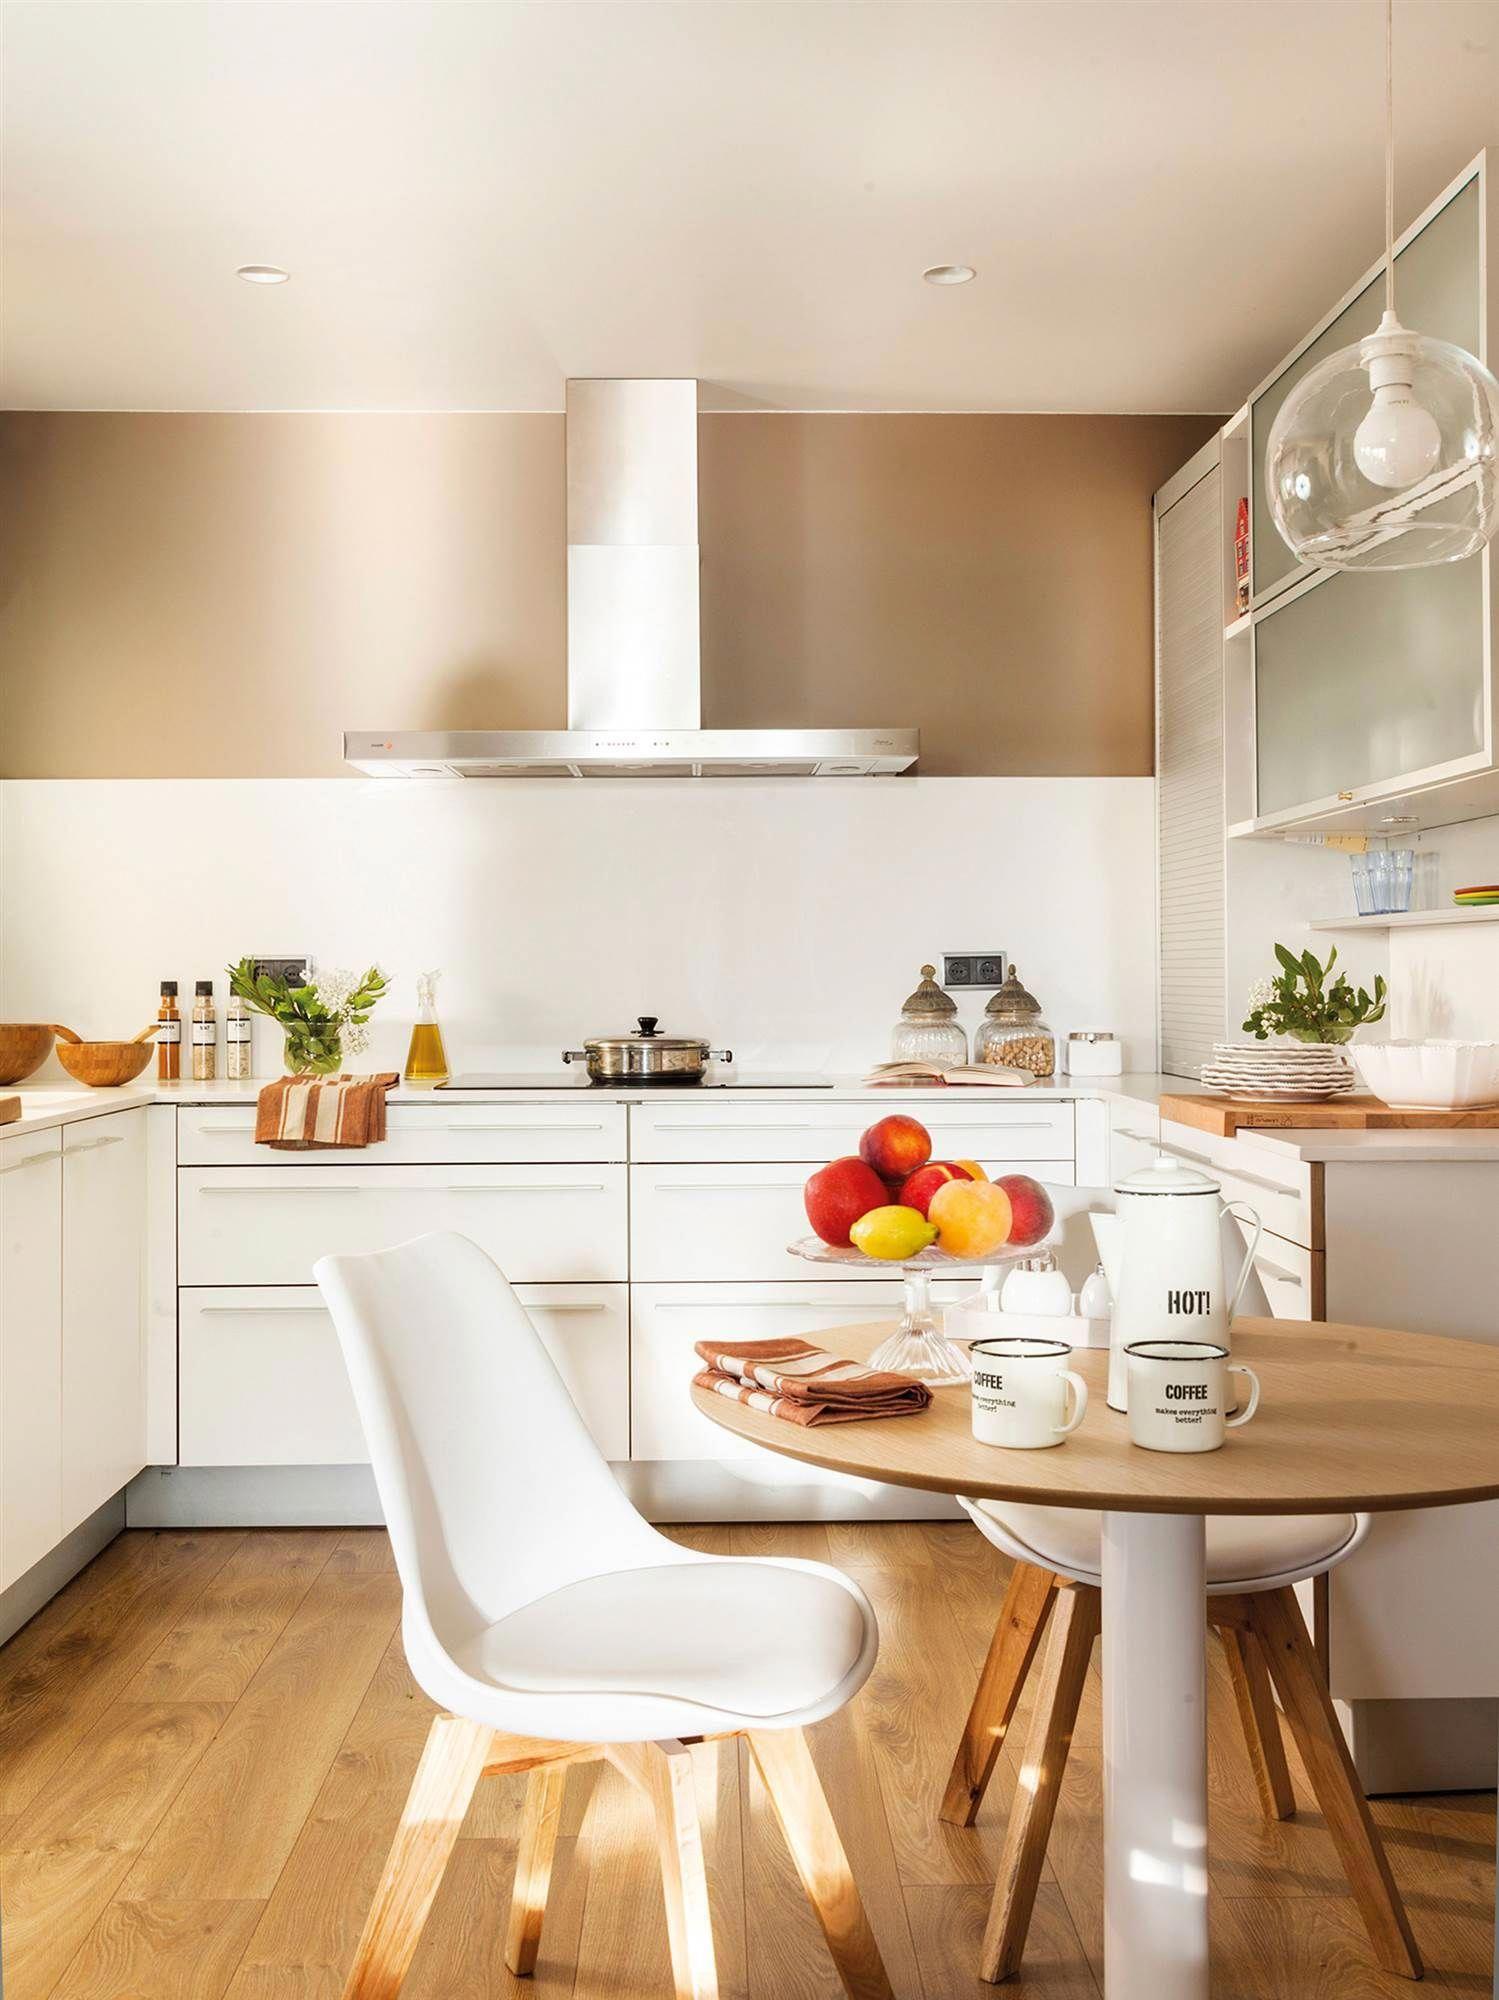 00458639 O Cocina En Blanco Con Office Y Suelo De Madera 00458639